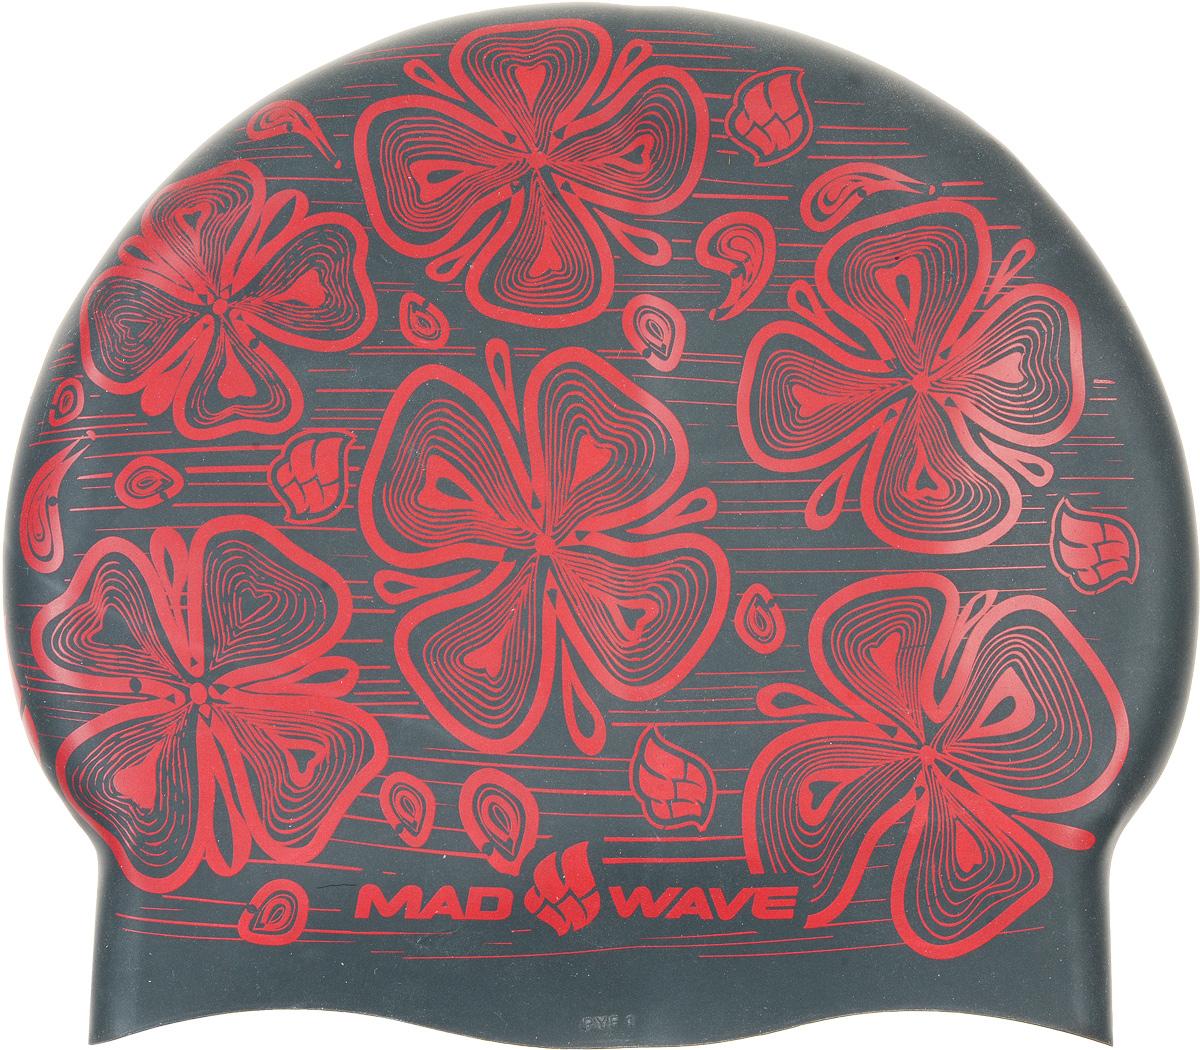 Шапочка для плавания MadWave Reverse Flora, силиконовая, двусторонняя, цвет: черный, серыйM0552 08 0 01WMadWave Reverse Flora - 3D двусторонняя силиконовая шапочка. Мягкий прочный силикон обеспечивает идеальную подгонку и комфорт. Материал шапочки не вызывает раздражения, что гарантирует безопасность использования шапочки. Силикон не пропускает воду и приятен на ощупь. Характеристики: Материал: силикон. Размер шапочки: 22 см x 19 см. Производитель: Китай. Артикул: M0552 08 0 01W.